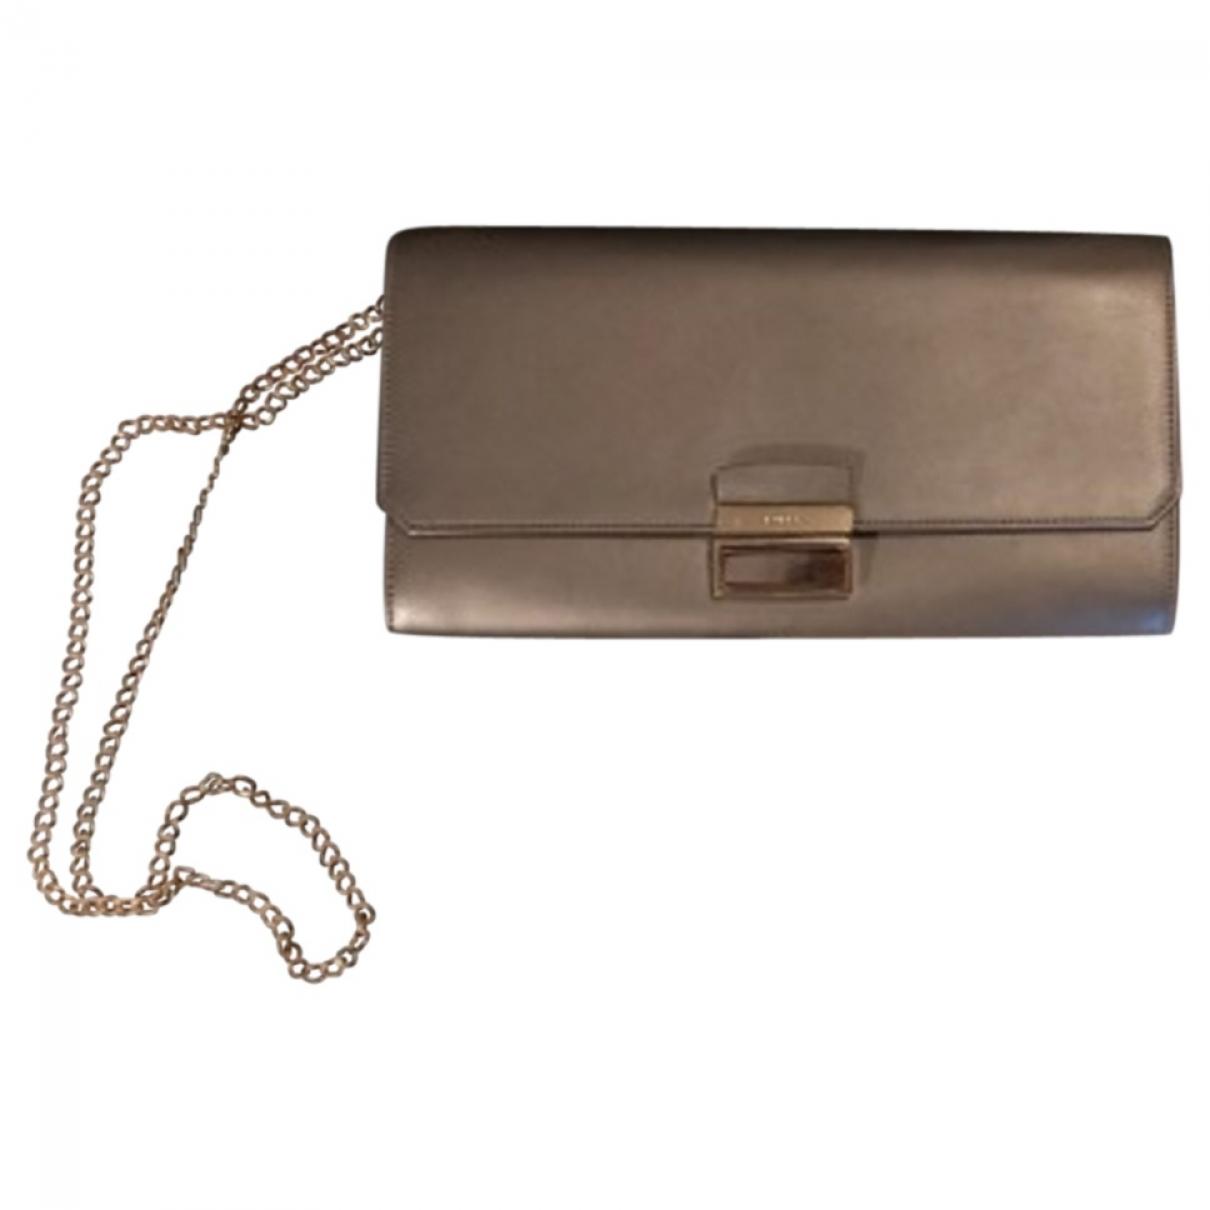 Furla \N Silver Leather Clutch bag for Women \N